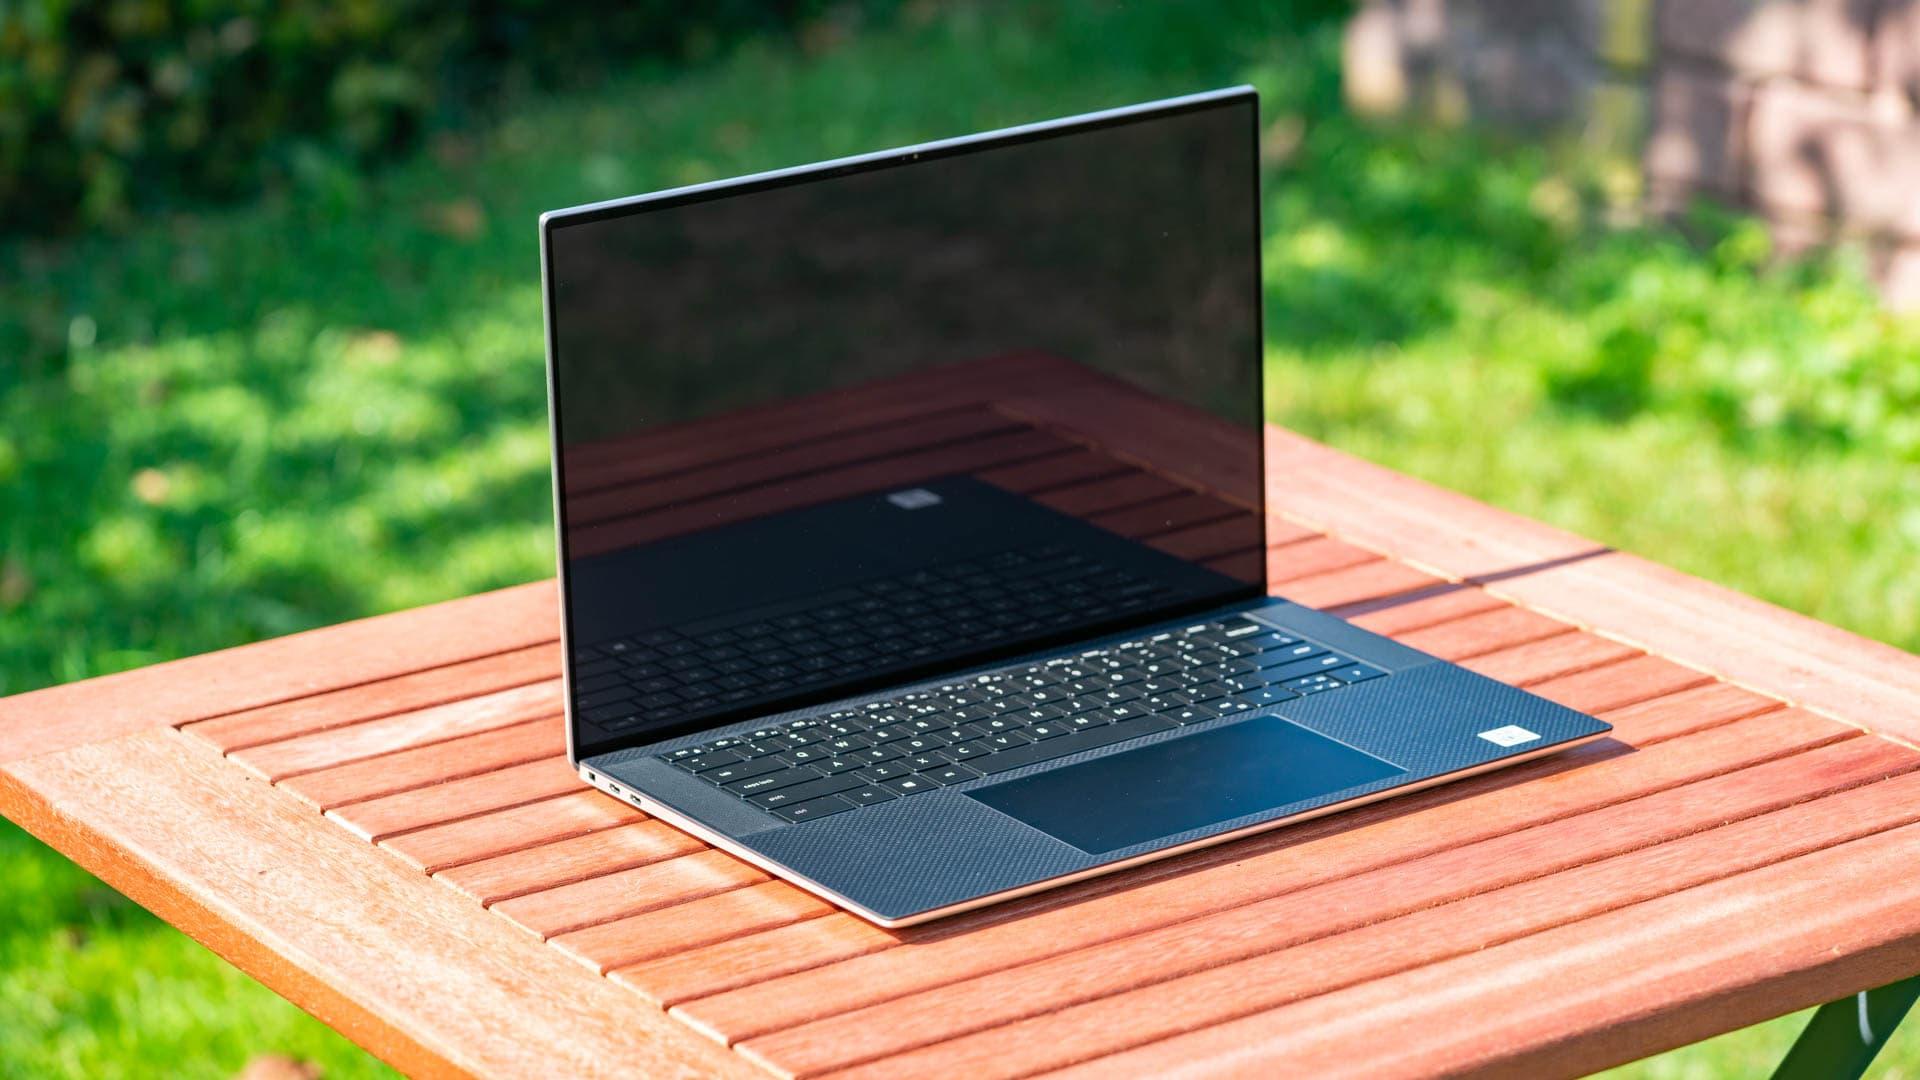 Das Dell XPS 15 9500 im Test, das vorzeige Windows Notebook